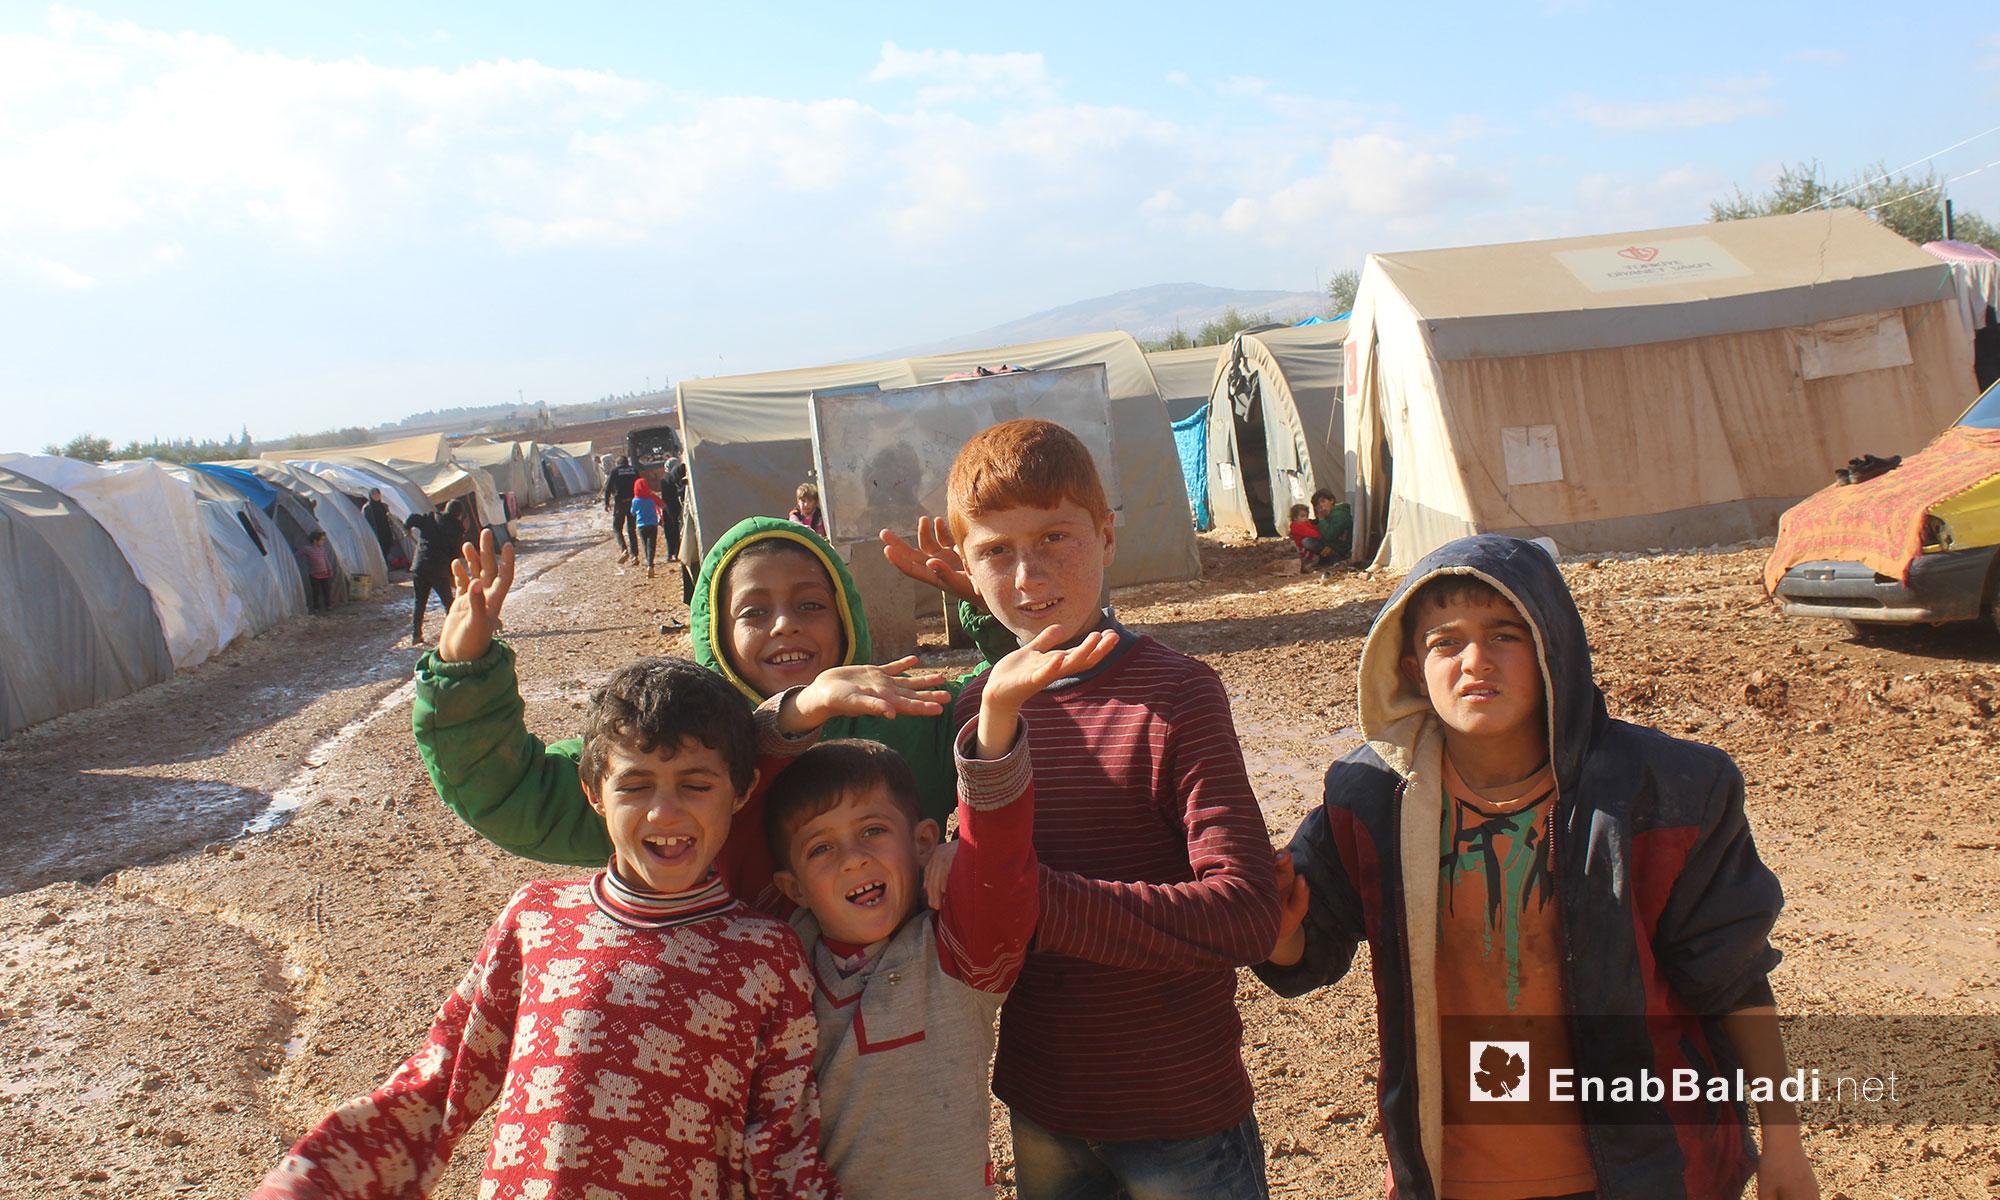 أطفال يلهون في مخيم بريف حلب الشمالي - 3 كانون الأول 2016 (عنب بلدي)